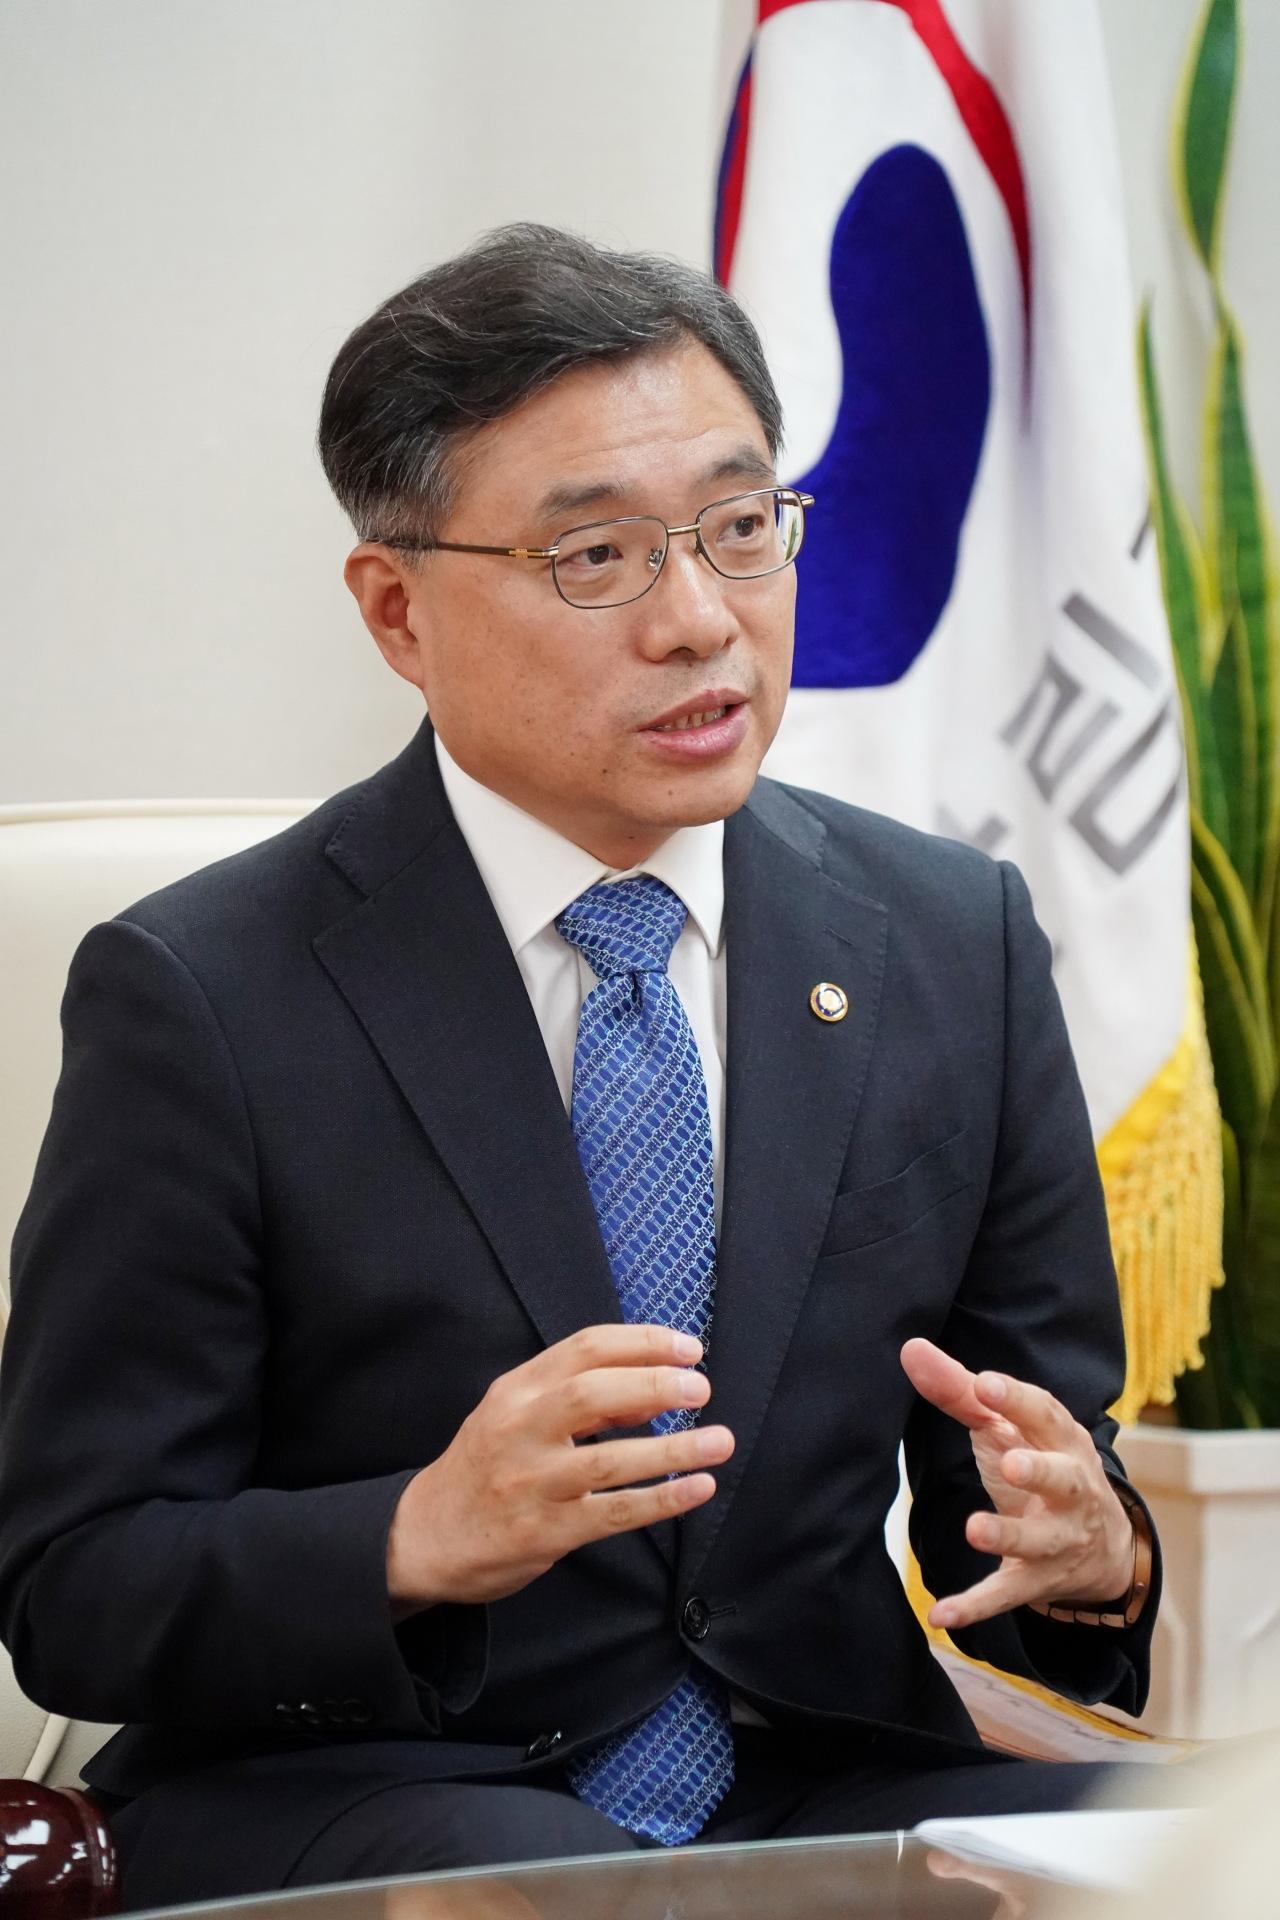 Korea Forest Service Minister Choi Byeong-am (KFS)